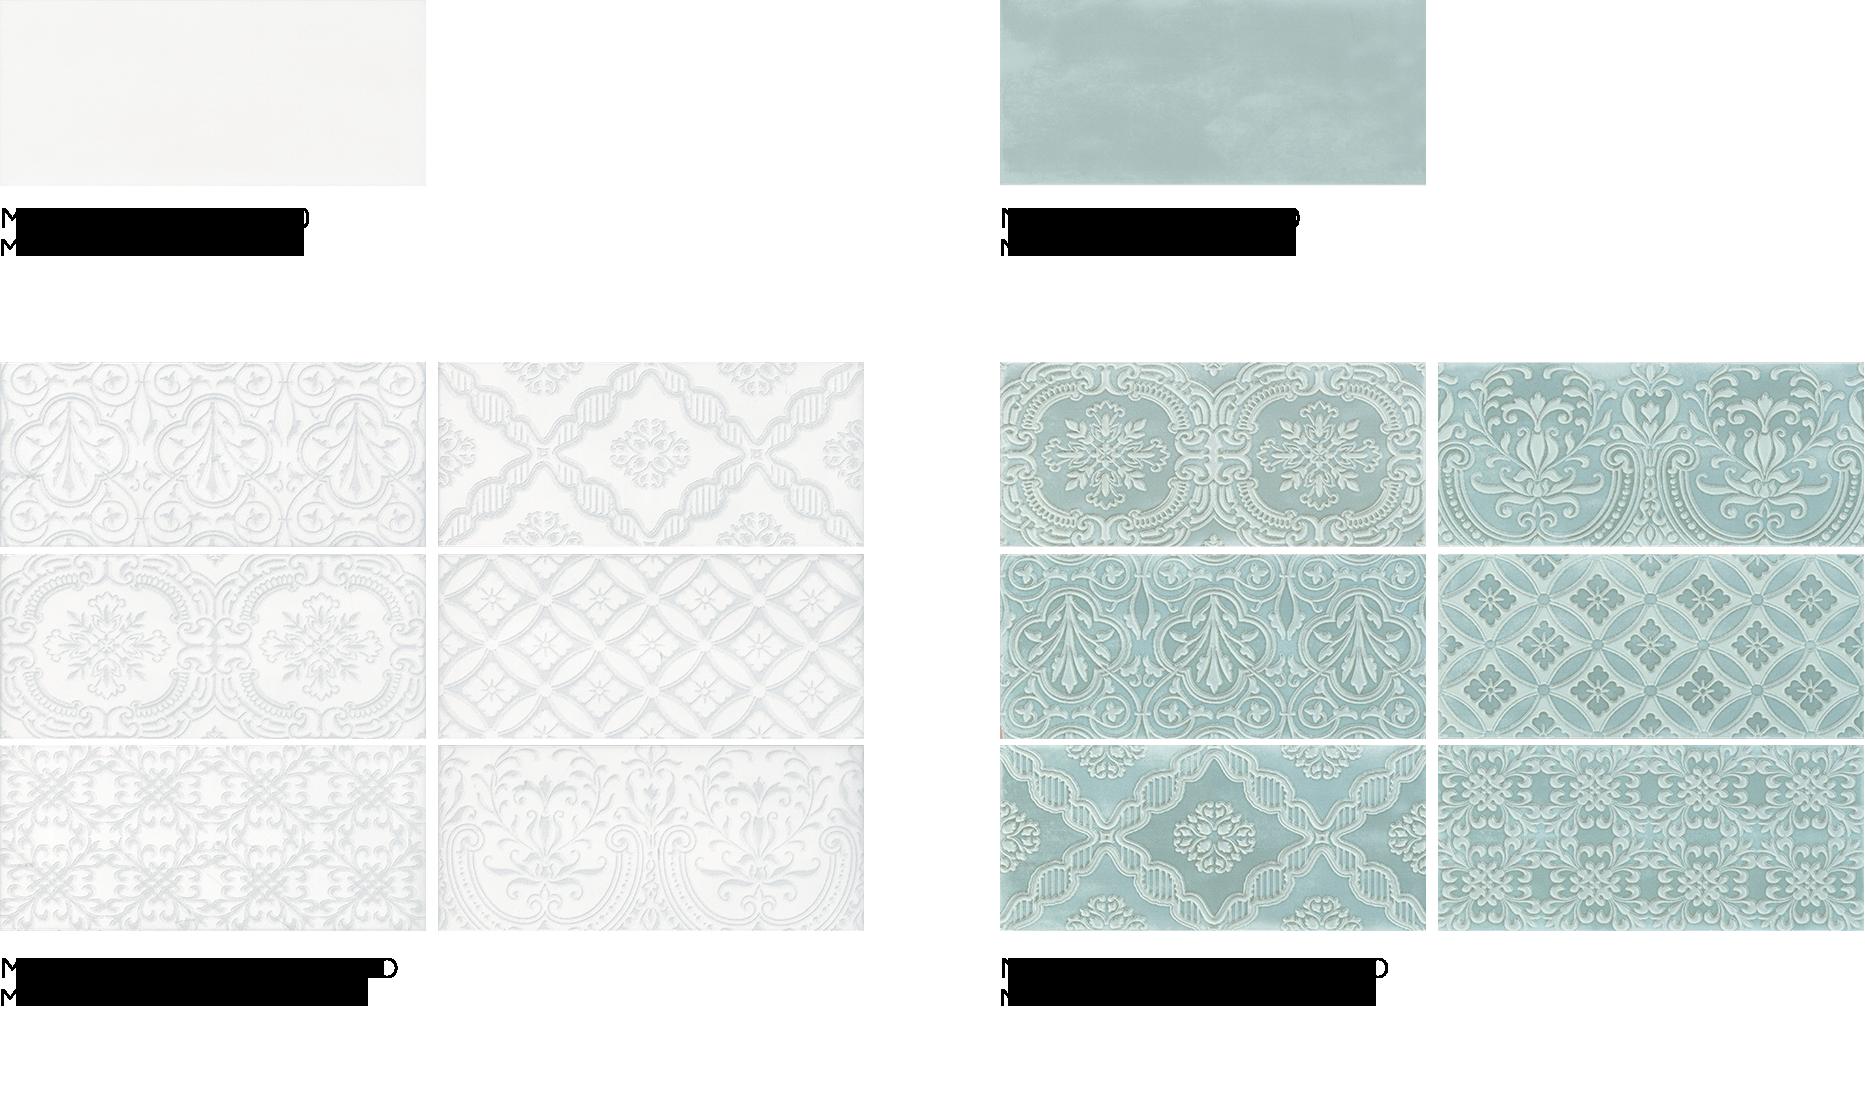 Maiolica White & Maiolica Aqua - Ceramic Wall Tiles by ROCA ...